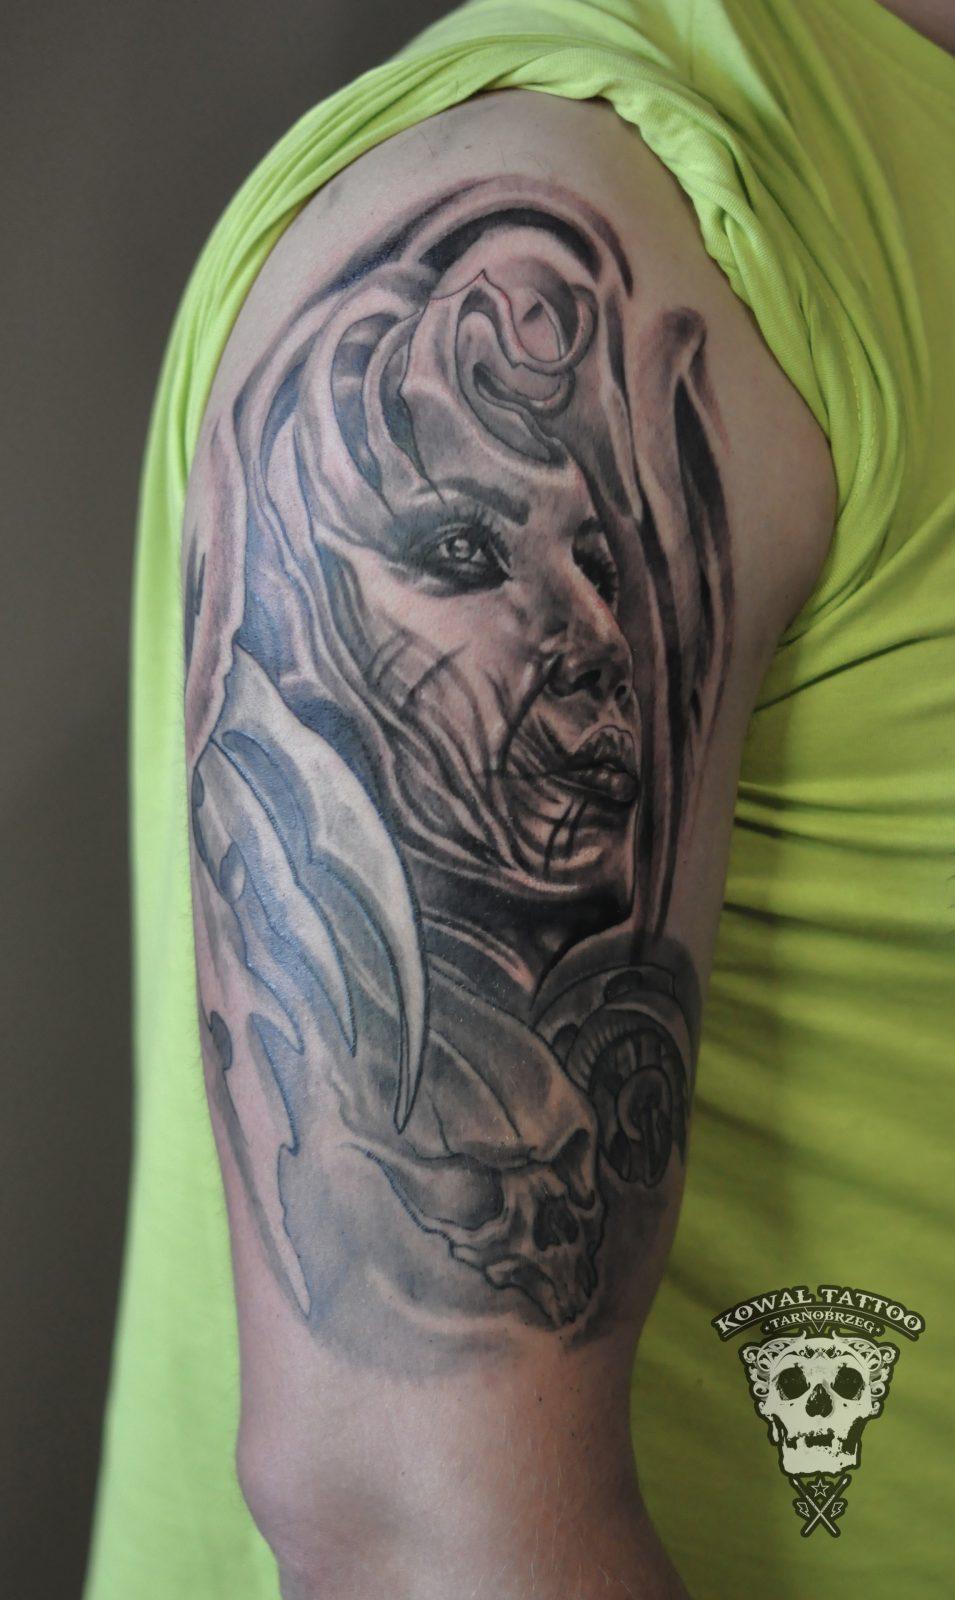 tatuaz_tarnobrzeg_63